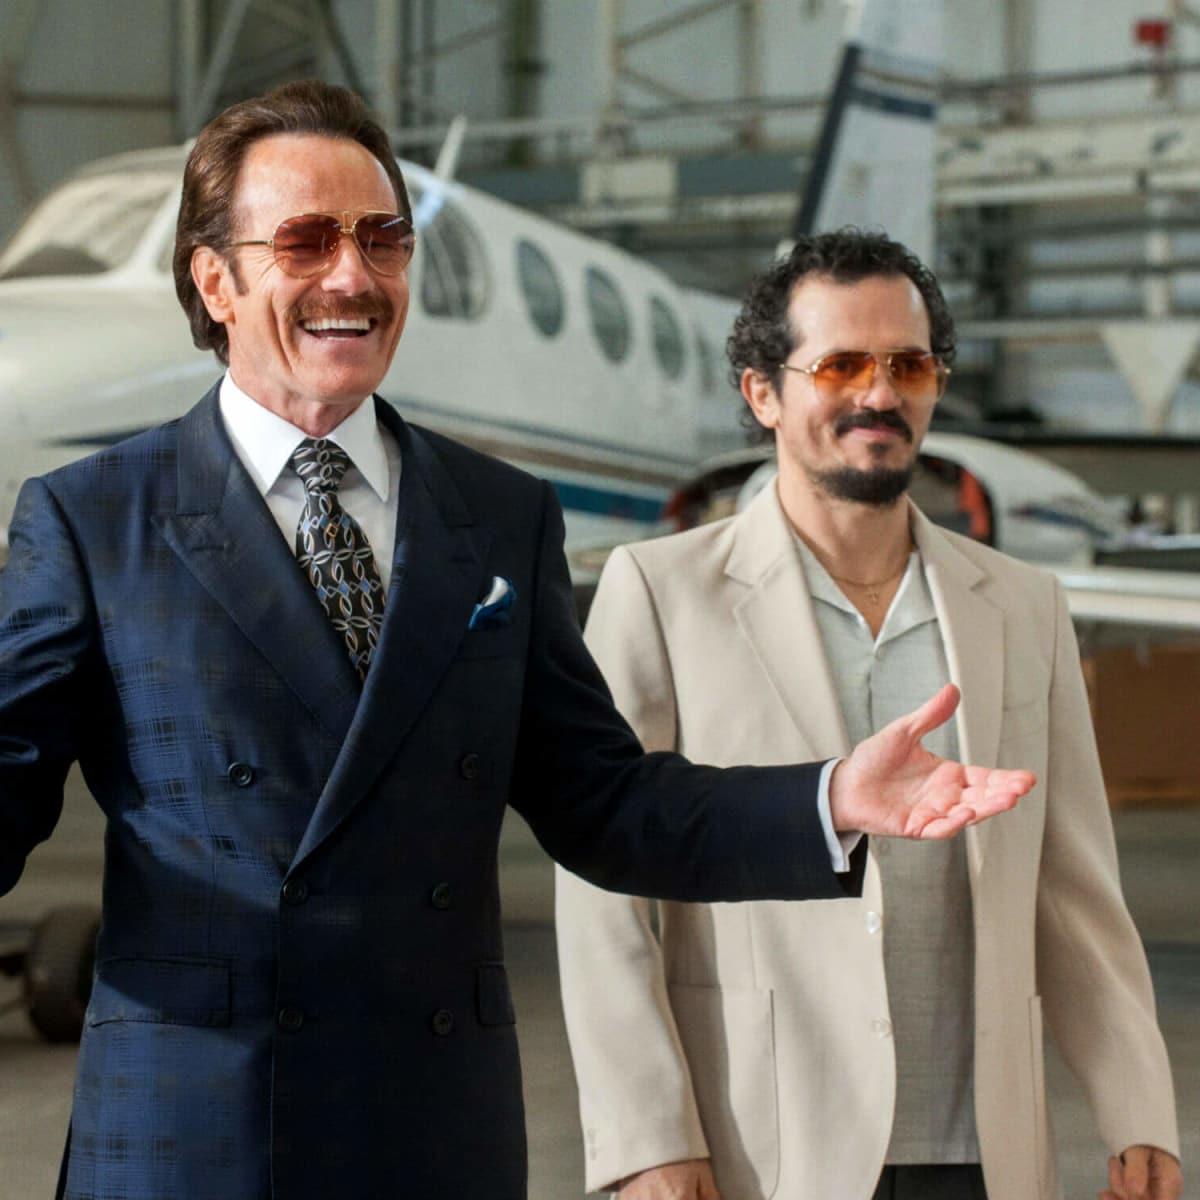 Bryan Cranston and John Leguizamo in The Infiltrator